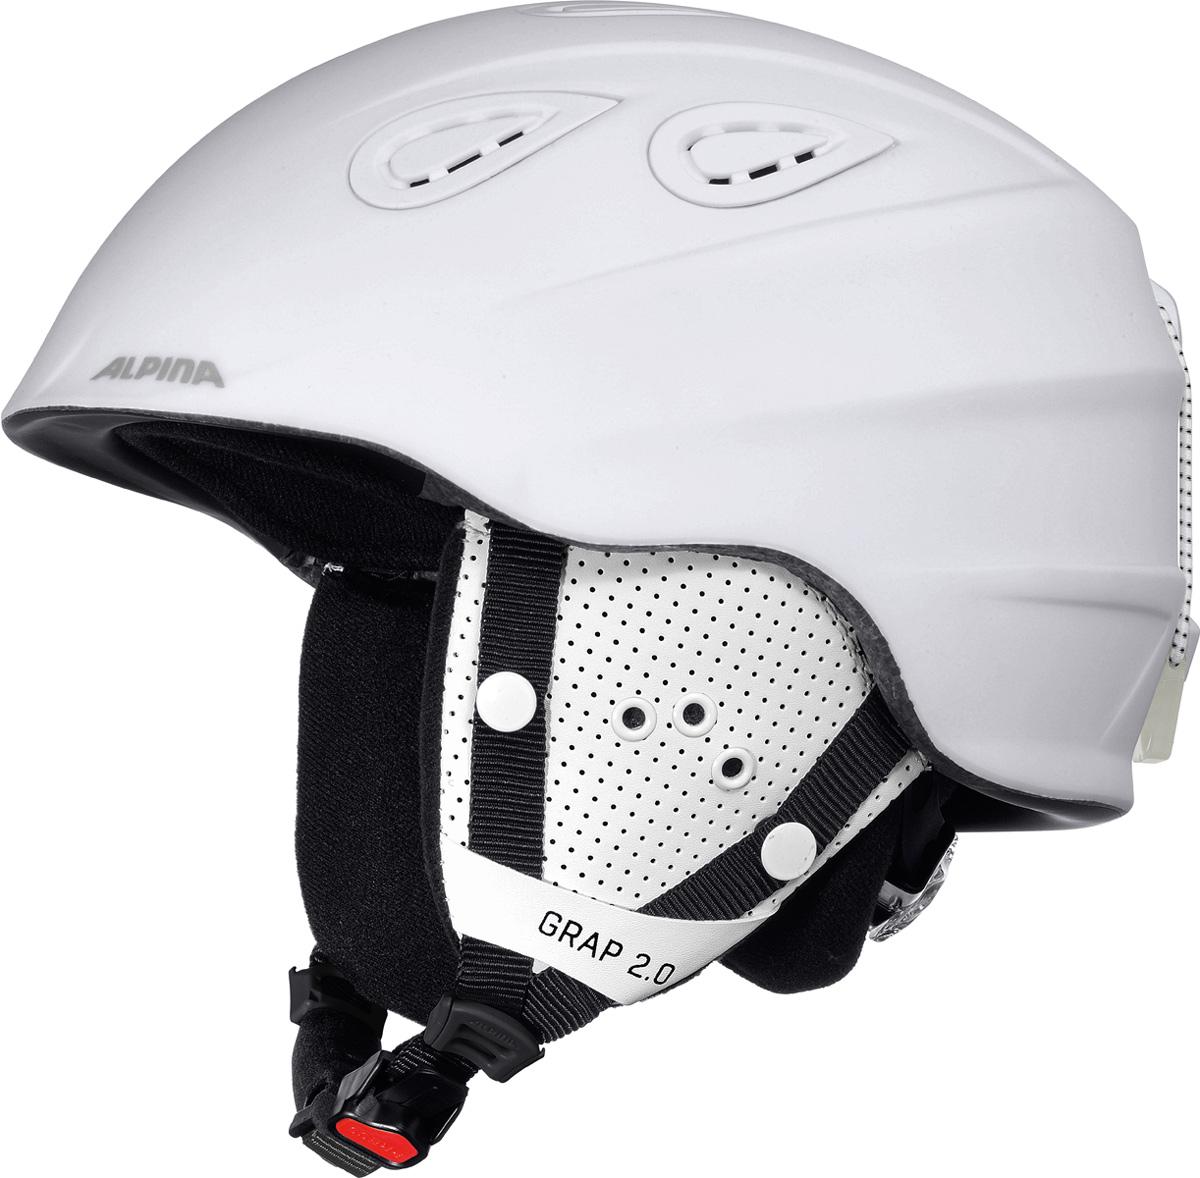 Шлем горнолыжный Alpina Grap 2.0, цвет: белый. A9085_12. Размер 57-61A9085_12Во всем мире популярность горнолыжного шлема Grap лишь набирает обороты. Alpina представляет обновленную версию самой продаваемой модели. Шлем Grap 2.0 сохранил отличительные особенности предыдущей модели и приобрел новые, за которые его выбирают райдеры по всему миру. Универсальность, легкость и прочность сделали его обязательным элементом экипировки любителей горнолыжного спорта. Модель также представлена в детской линейке шлемов.Технологии:Конструкция In-Mold - соединение внутреннего слоя из EPS (вспененного полистирола) с внешним покрытием под большим давлением в условиях высокой температуры. В результате внешняя поликарбонатная оболочка сохраняет форму конструкции, предотвращая поломку и попадание осколков внутрь шлема, а внутренний слой Hi-EPS, состоящий из множества наполненных воздухом гранул, амортизирует ударную волну, защищая голову райдера от повреждений.Внешнее покрытие Ceramic Shell обеспечивает повышенную ударопрочность и износостойкость, а также обладает защитой от УФ-излучений, препятствующей выгоранию на солнце, и антистатичными свойствами.Съемный внутренний тканевый слой. Подкладку можно постирать и легко вставить обратно. Своевременный уход за внутренником предотвращает появление неприятного запаха.Вентиляционная система с раздвижным механизмом с возможностью регулировки интенсивности потока воздуха.Классическая система регулировки в шлемах Alpina Run System с регулировочным кольцом на затылке позволяет быстро и легко подобрать оптимальную и комфортную плотность посадки на голове.Съемные ушки согревают в холодную погоду, а в теплую компактно хранятся в кармане куртки.Шейный воротник из микрофлиса в задней части шлема быстро согревает и не давит на шею.Ремешок фиксируется кнопкой с запирающим механизмом. Застежка максимально удобна для использования в перчатках.Система Edge Protect в конструкции шлема защищает голову горнолыжника при боковом ударе.Система Y-Clip гарантиру